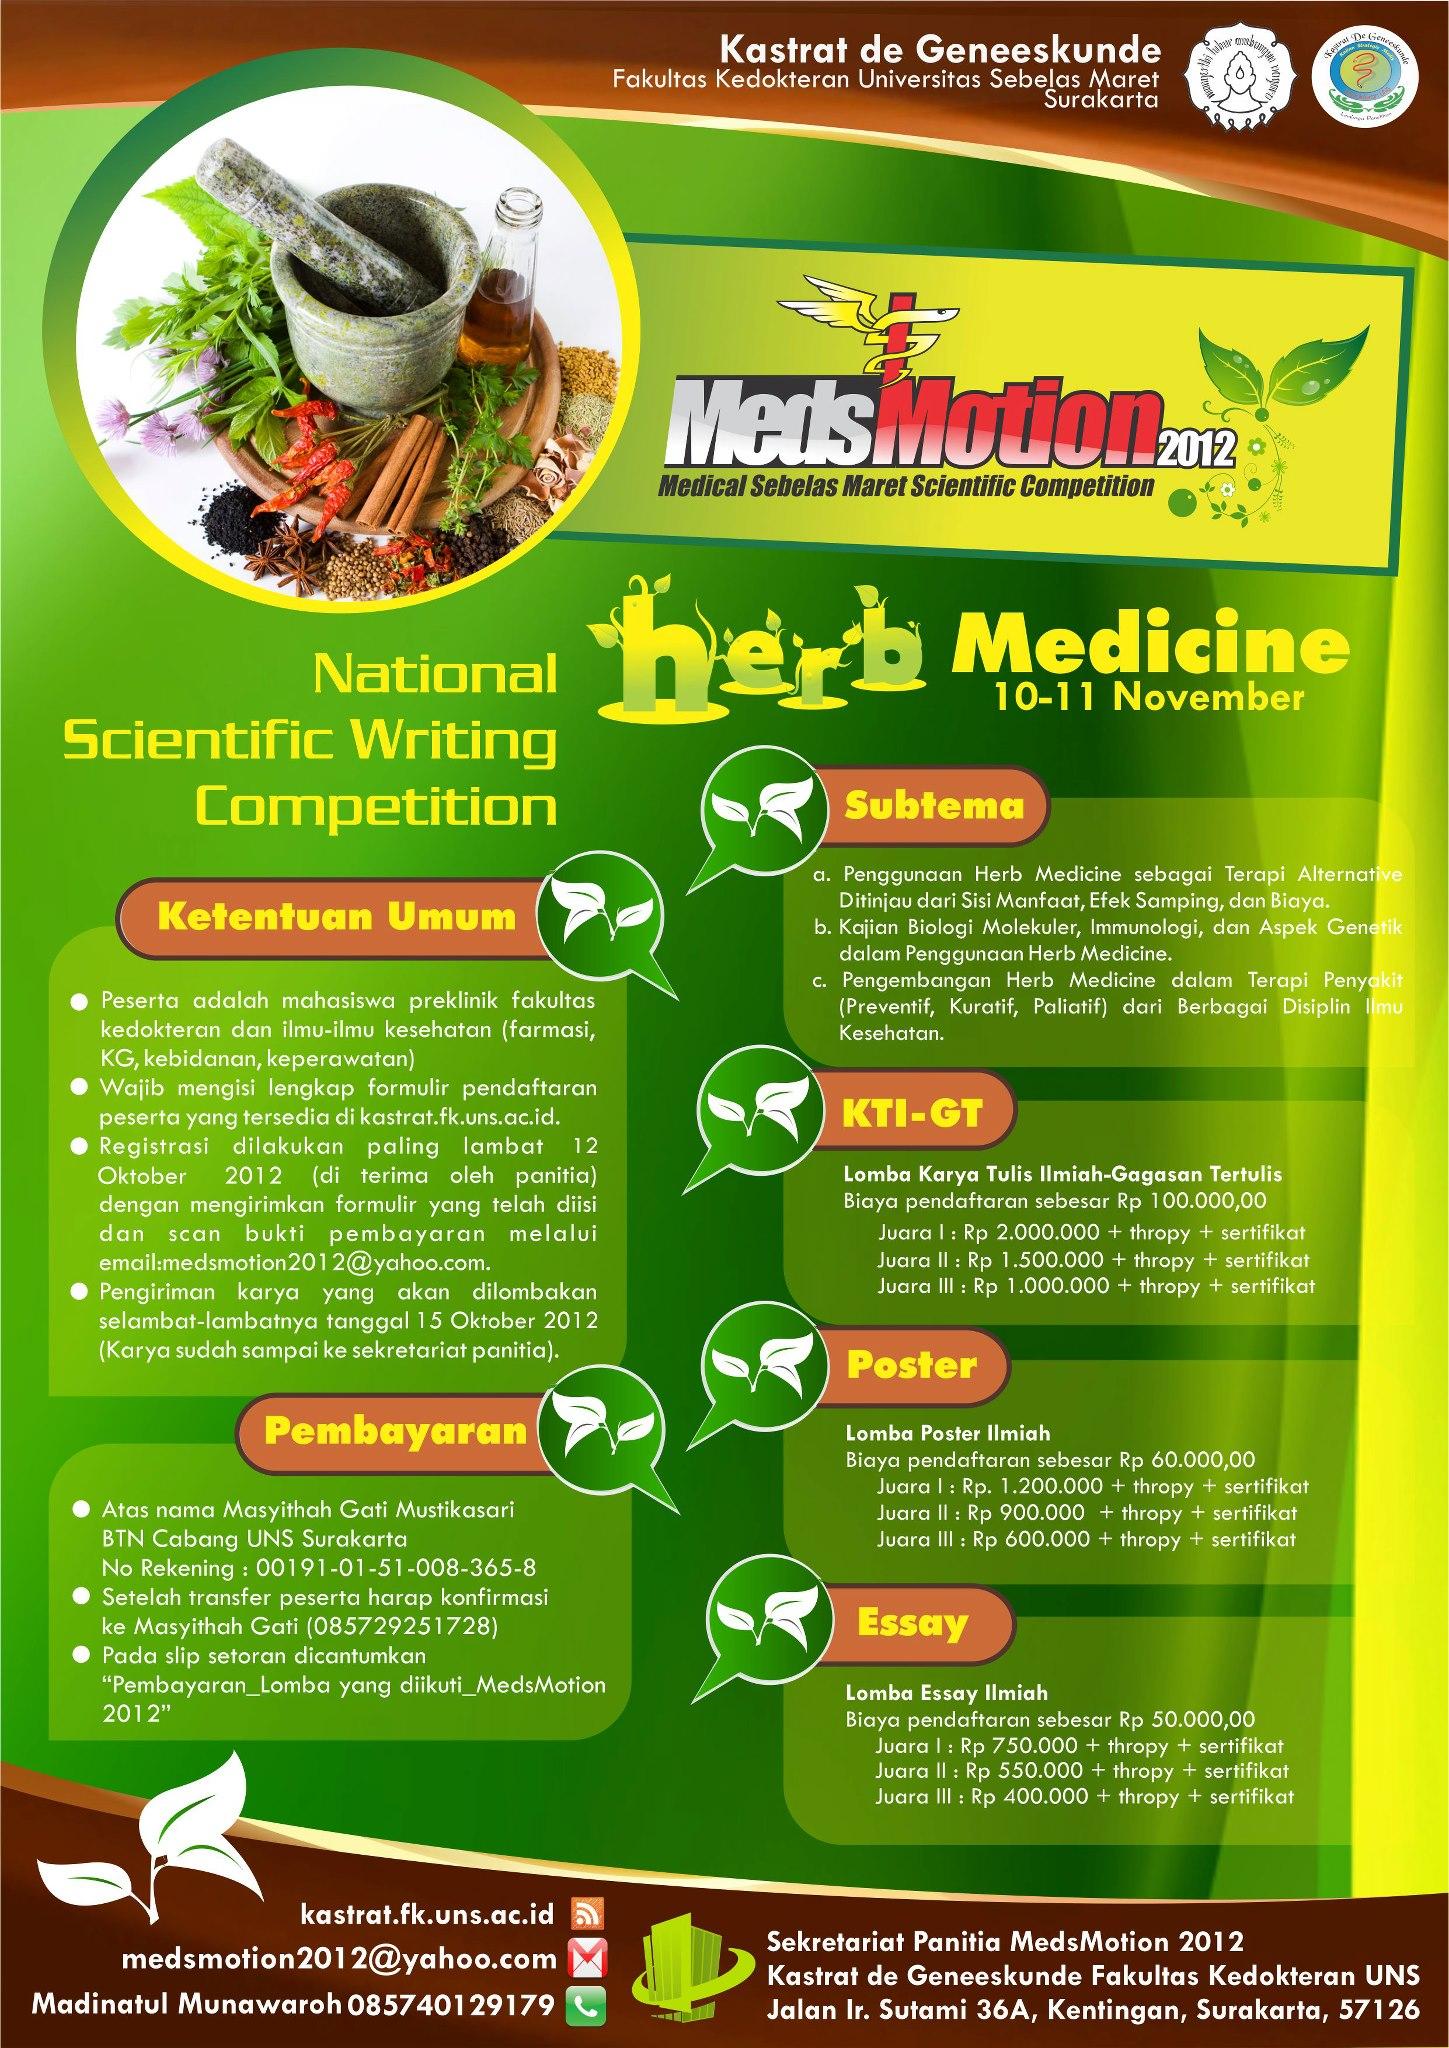 Medsmotion 2012 Kastrat De Geneeskunde Fk Uns